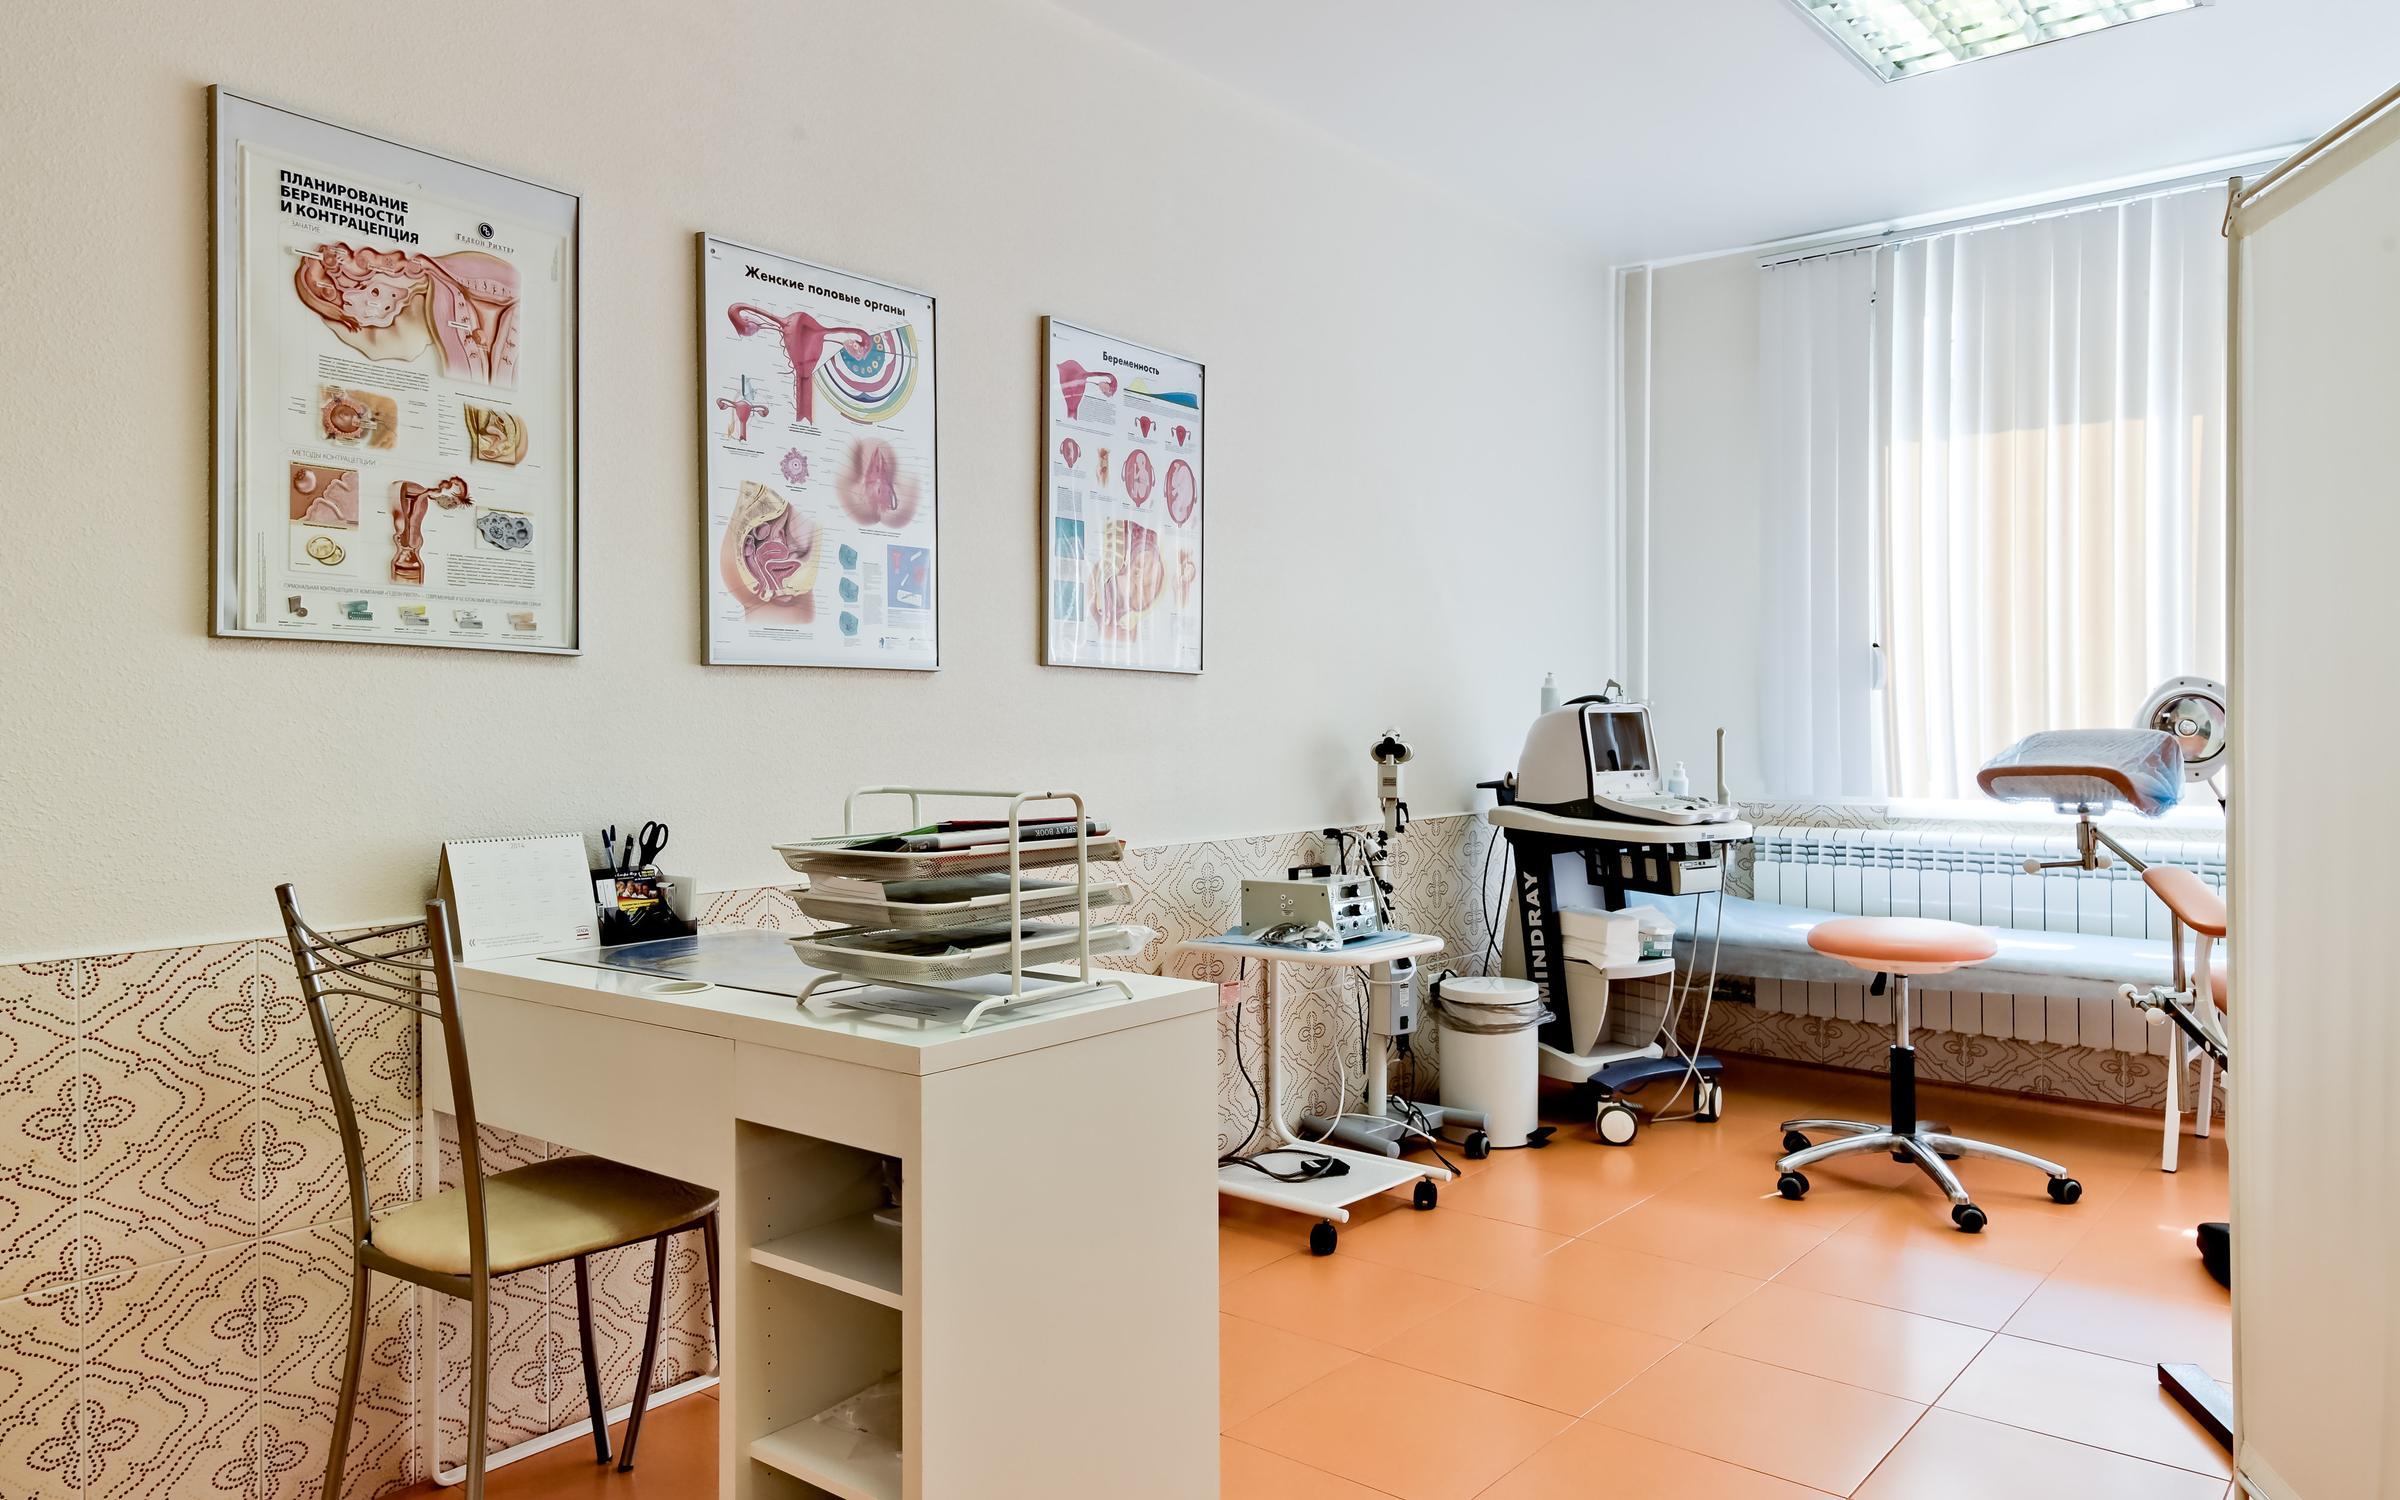 Детская областная клиническая больница 1 тюмень